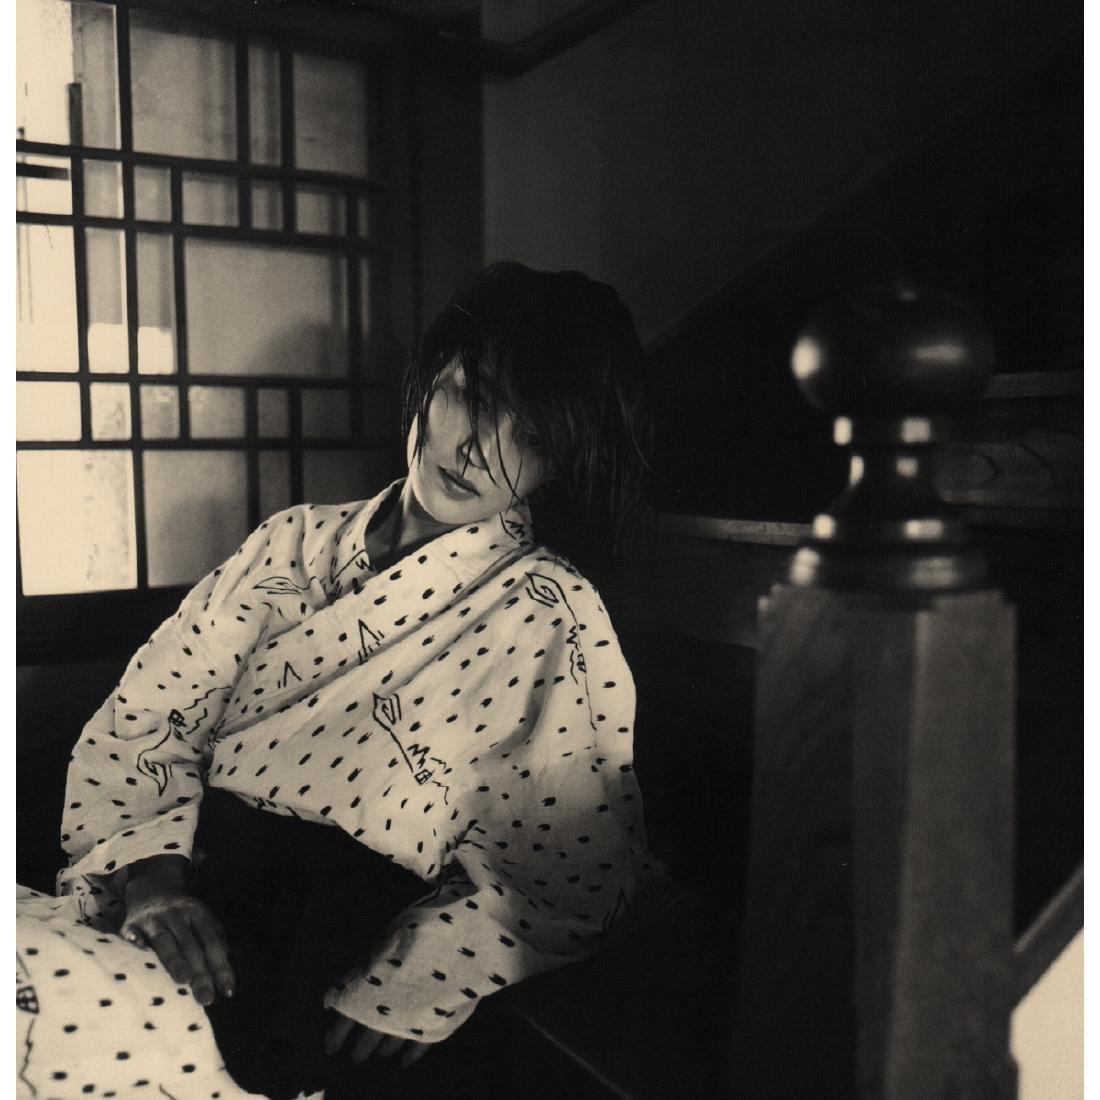 KISHIN SHINOYAMA - Kanako Higuchi